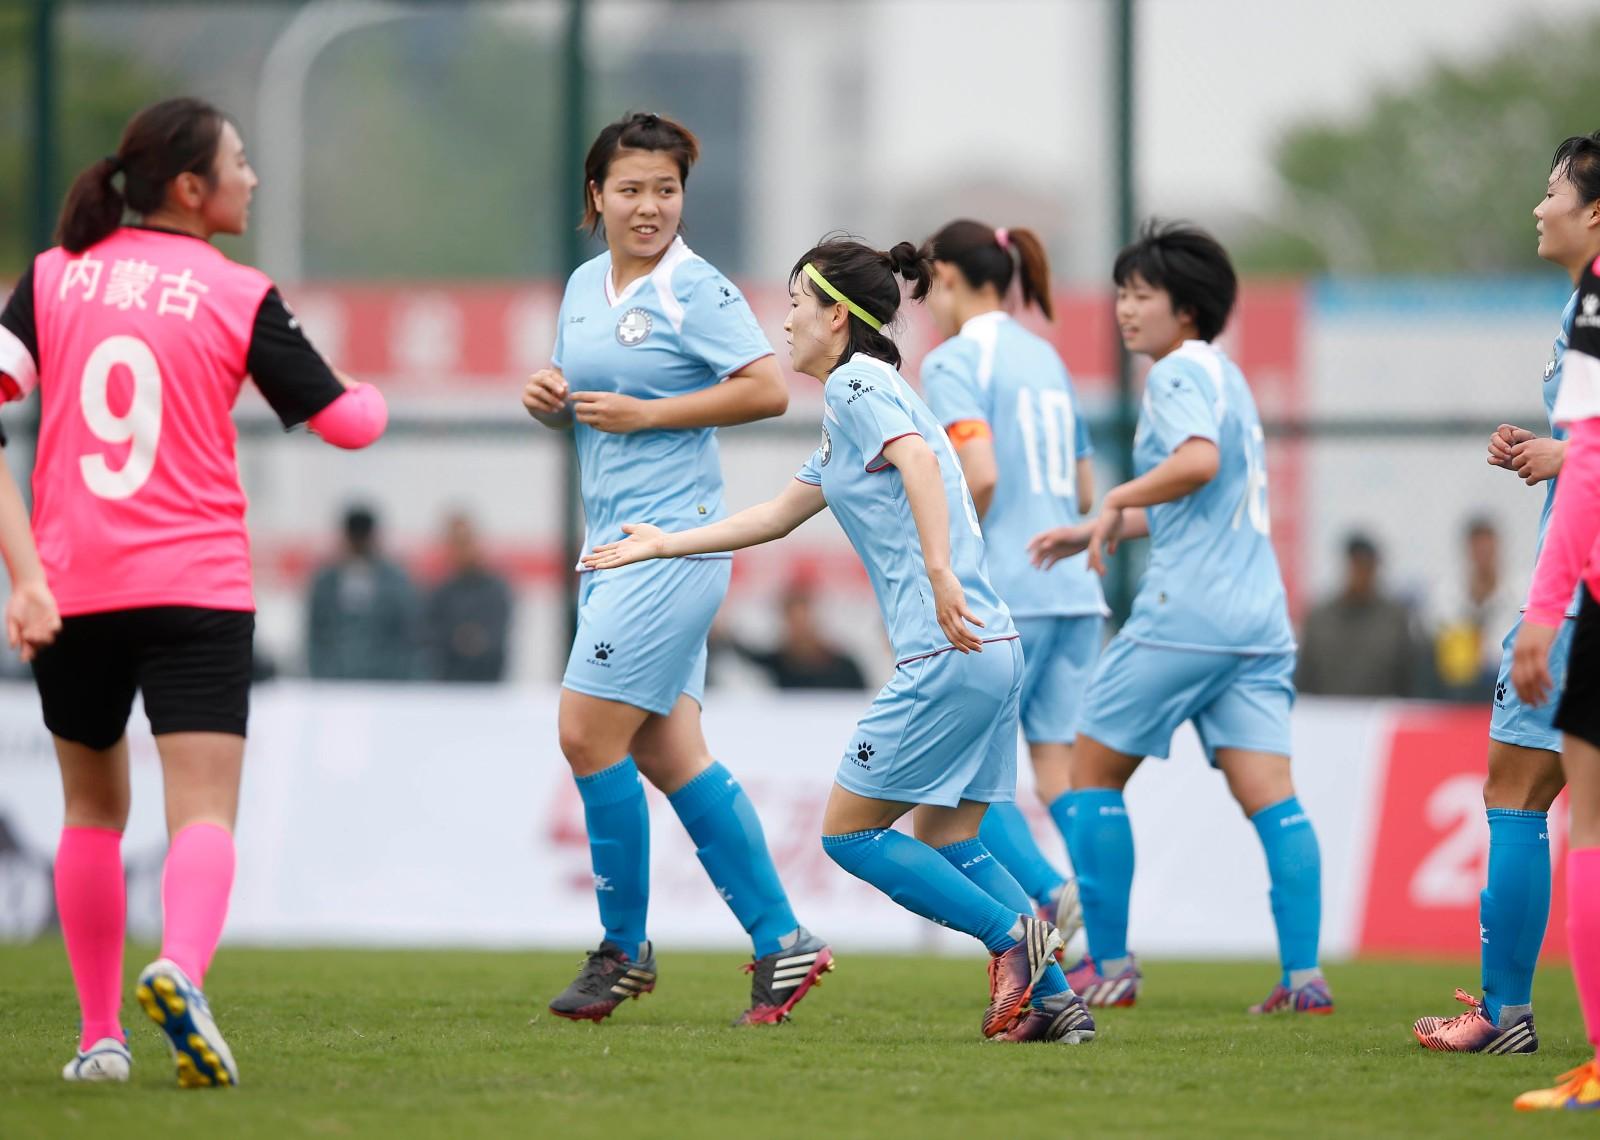 2011女足世界杯日本_历届女足世界杯冠军都是哪些?_百度知道